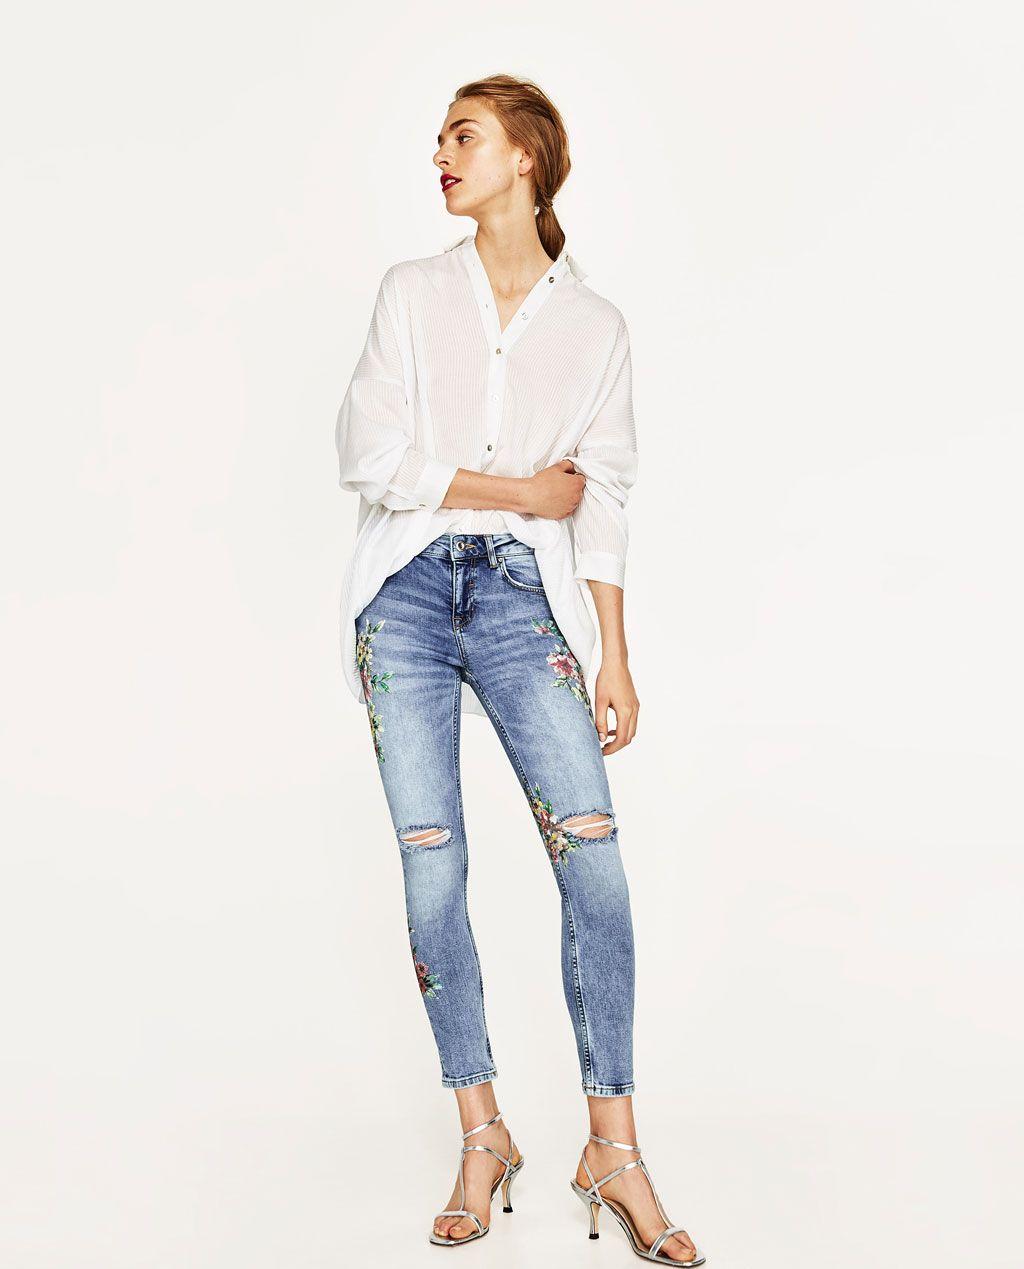 Zdjecie 1 Spodnie Jeansowe Z Nadrukiem W Kwiaty Z Zara Jeans Estampados De Flores Estampado